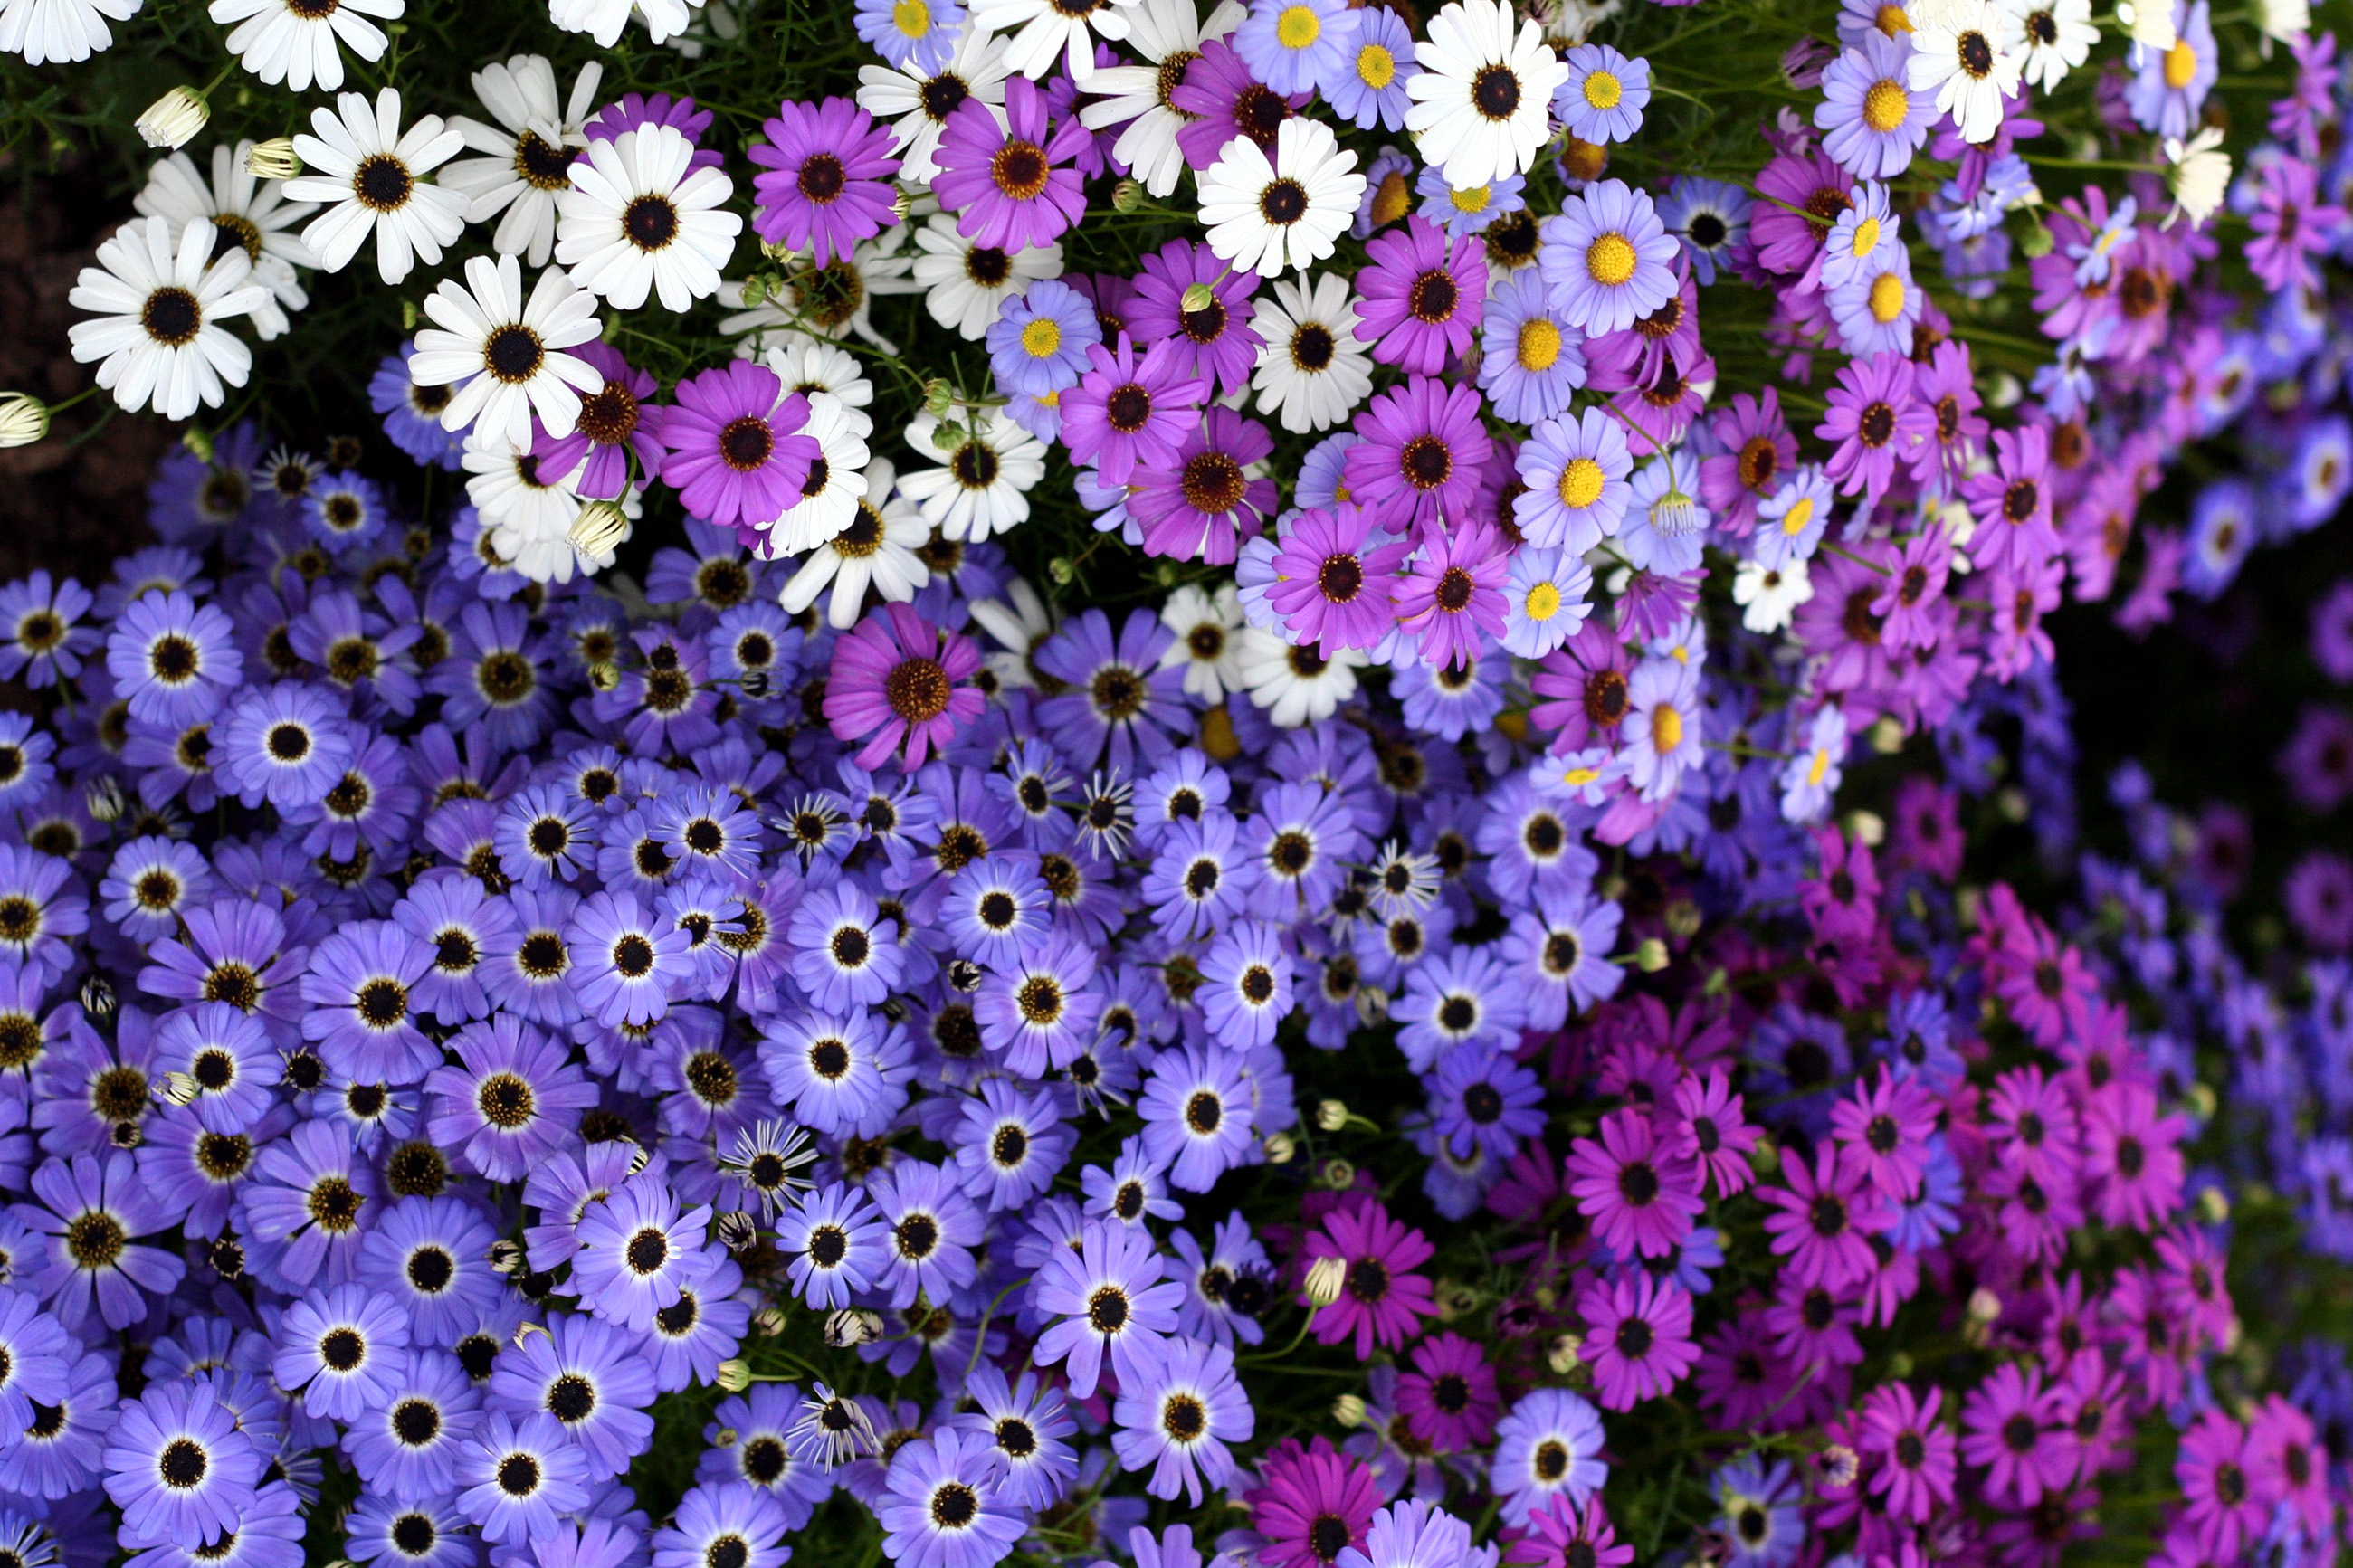 Trumpakuodė (gėlė)